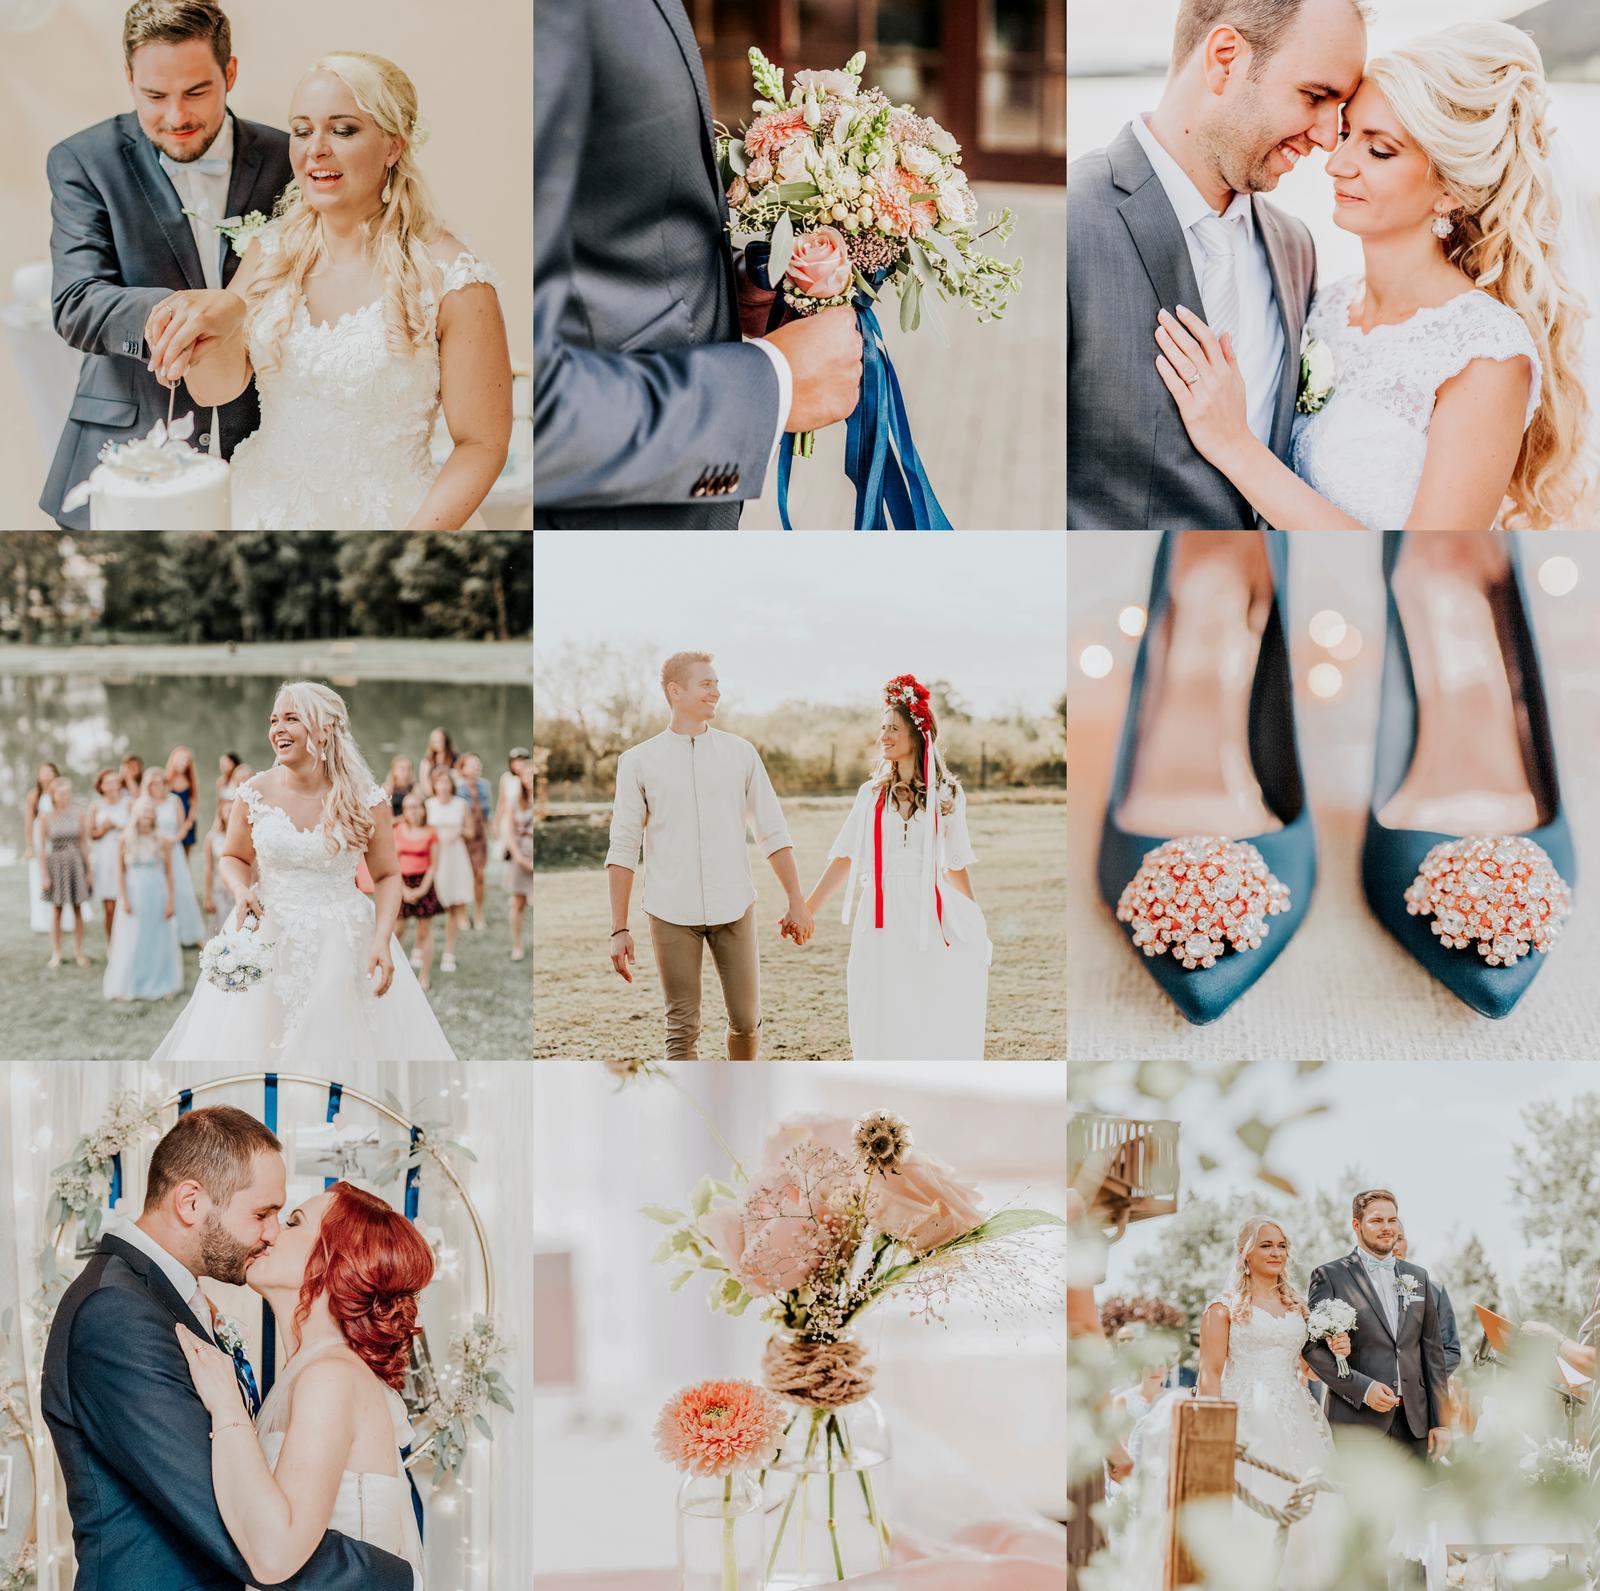 Svadba 2019 - stále voľné termíny - Obrázok č. 1